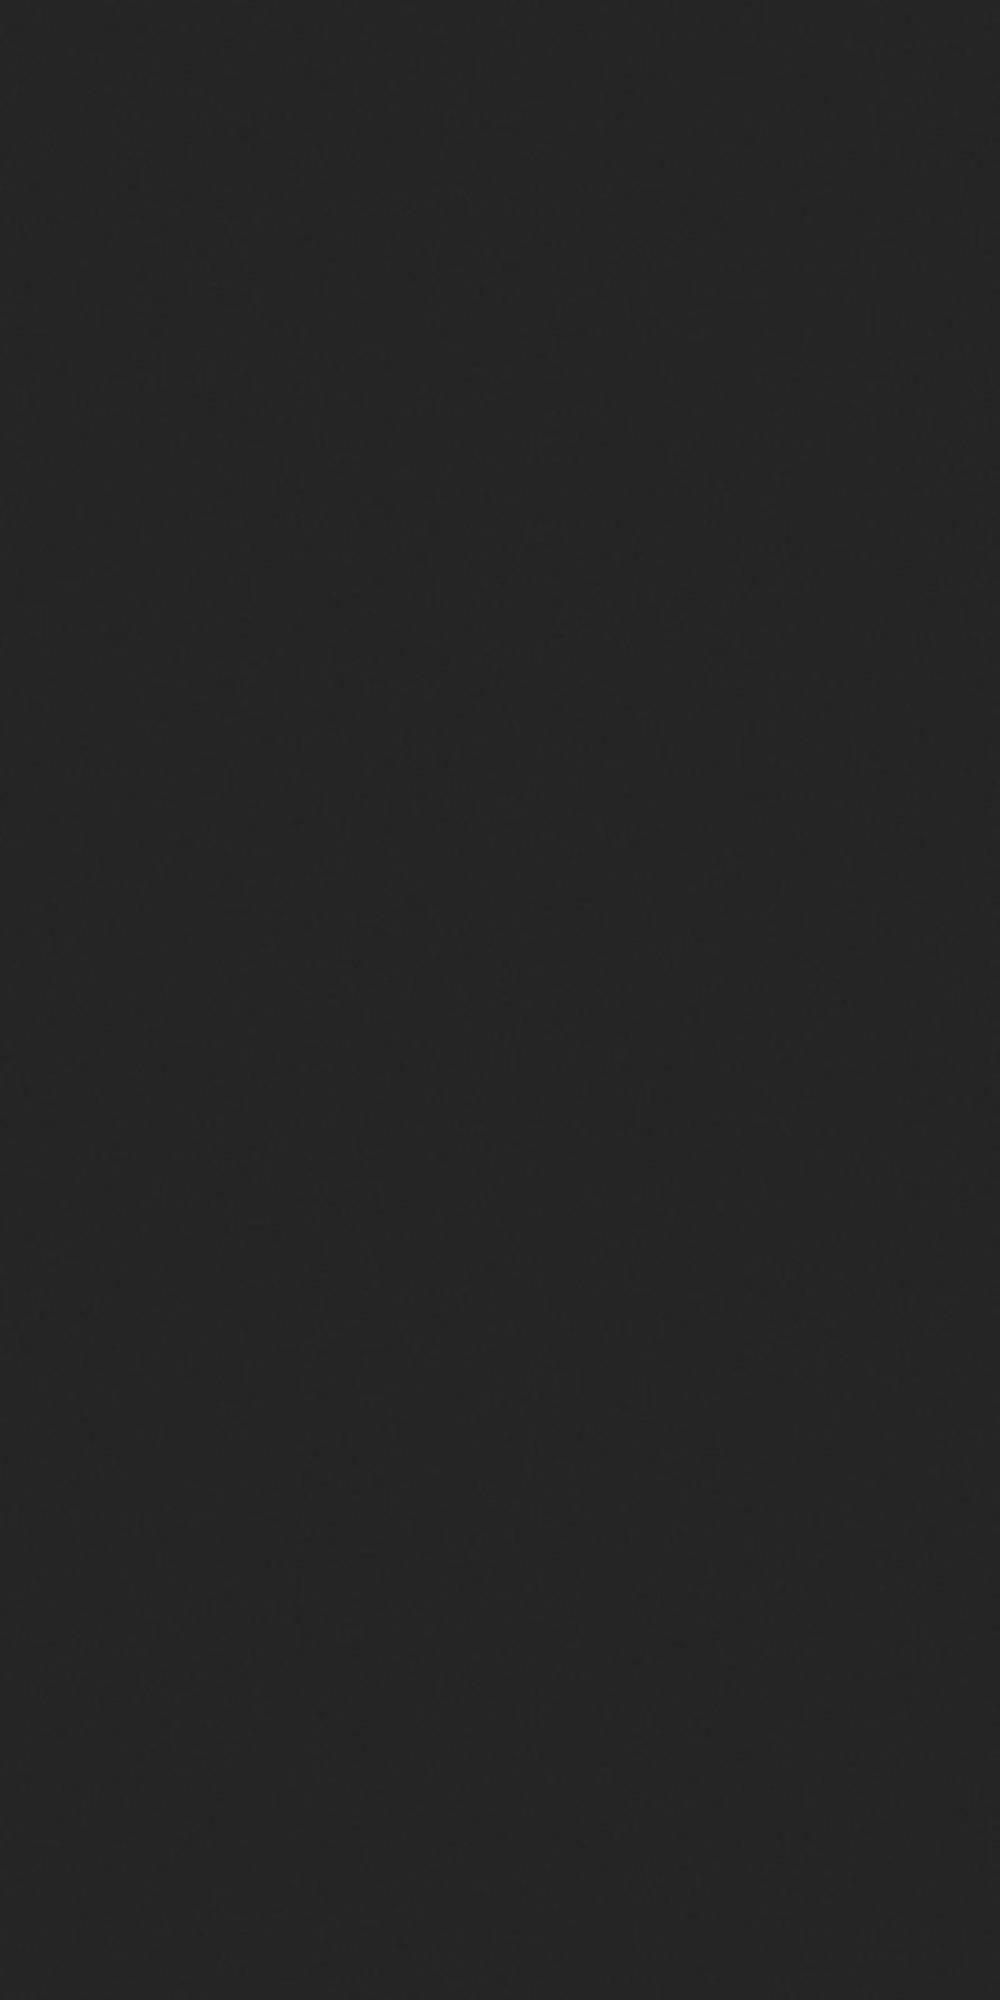 Villeroy & boch Bianconero tegel 30x60 cm, doos